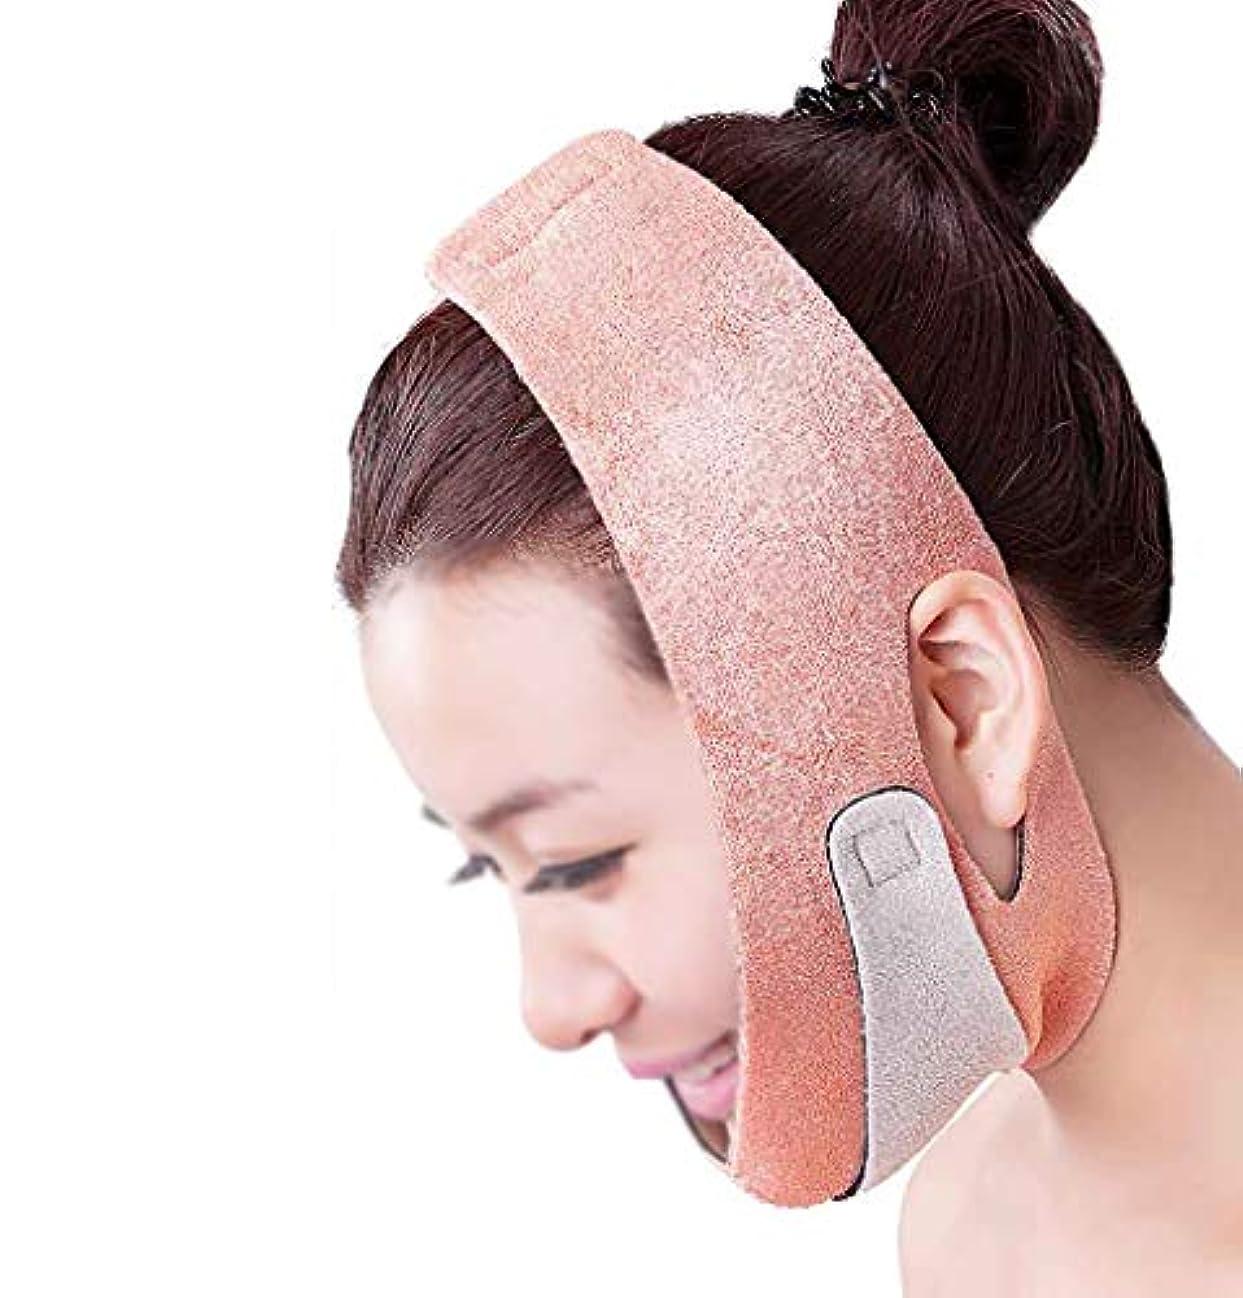 革命的影響を受けやすいです大人GLJJQMY 痩身ベルトマスク3 D薄い顔の顔のアーティファクト小さな顔包帯リフティングVマスクを引き締め 顔用整形マスク (Color : A)